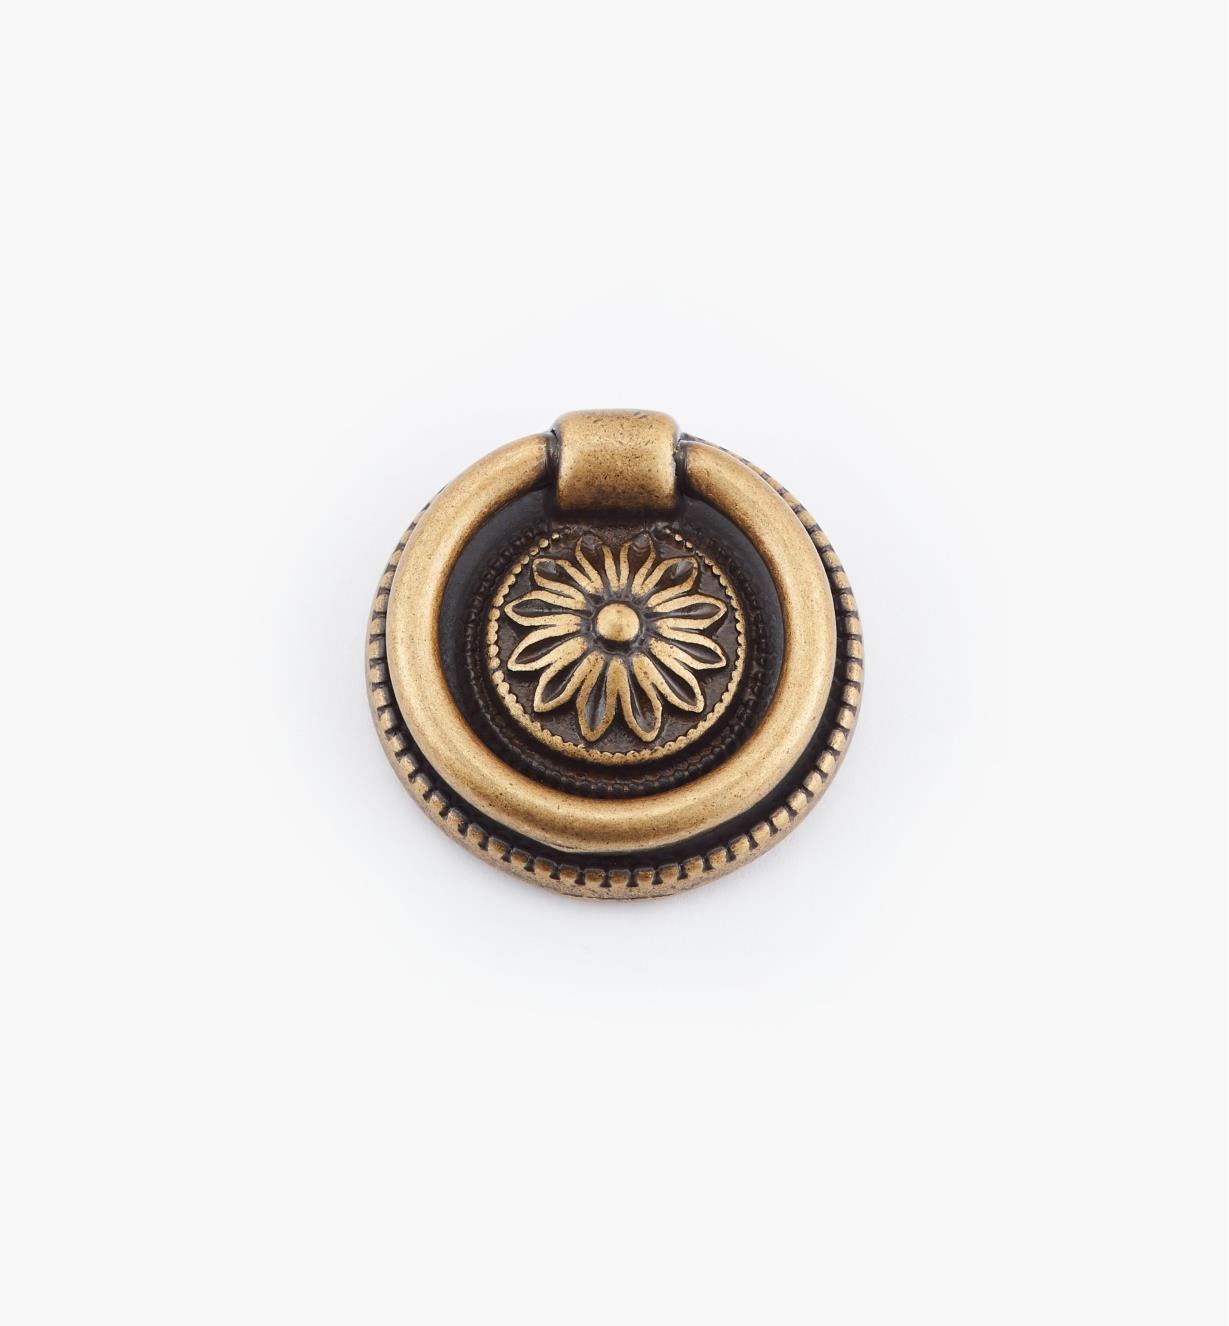 01A6432 - Poignée à anneau sur platine LouisXVI, laiton antique, 32mm